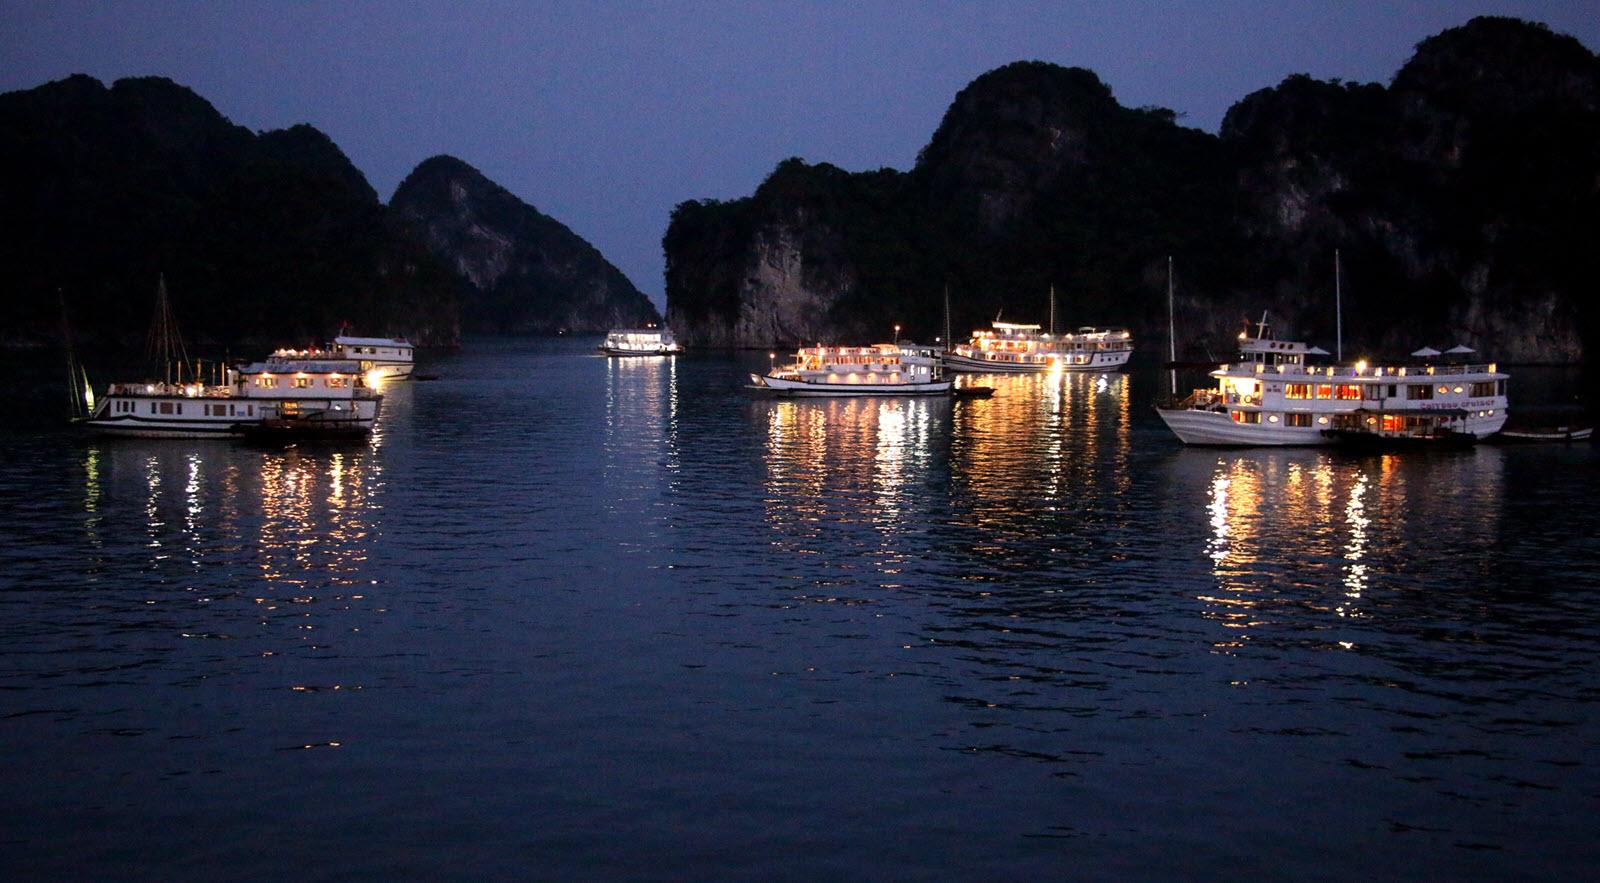 Ảnh đẹp về đêm trên vịnh Hạ Long